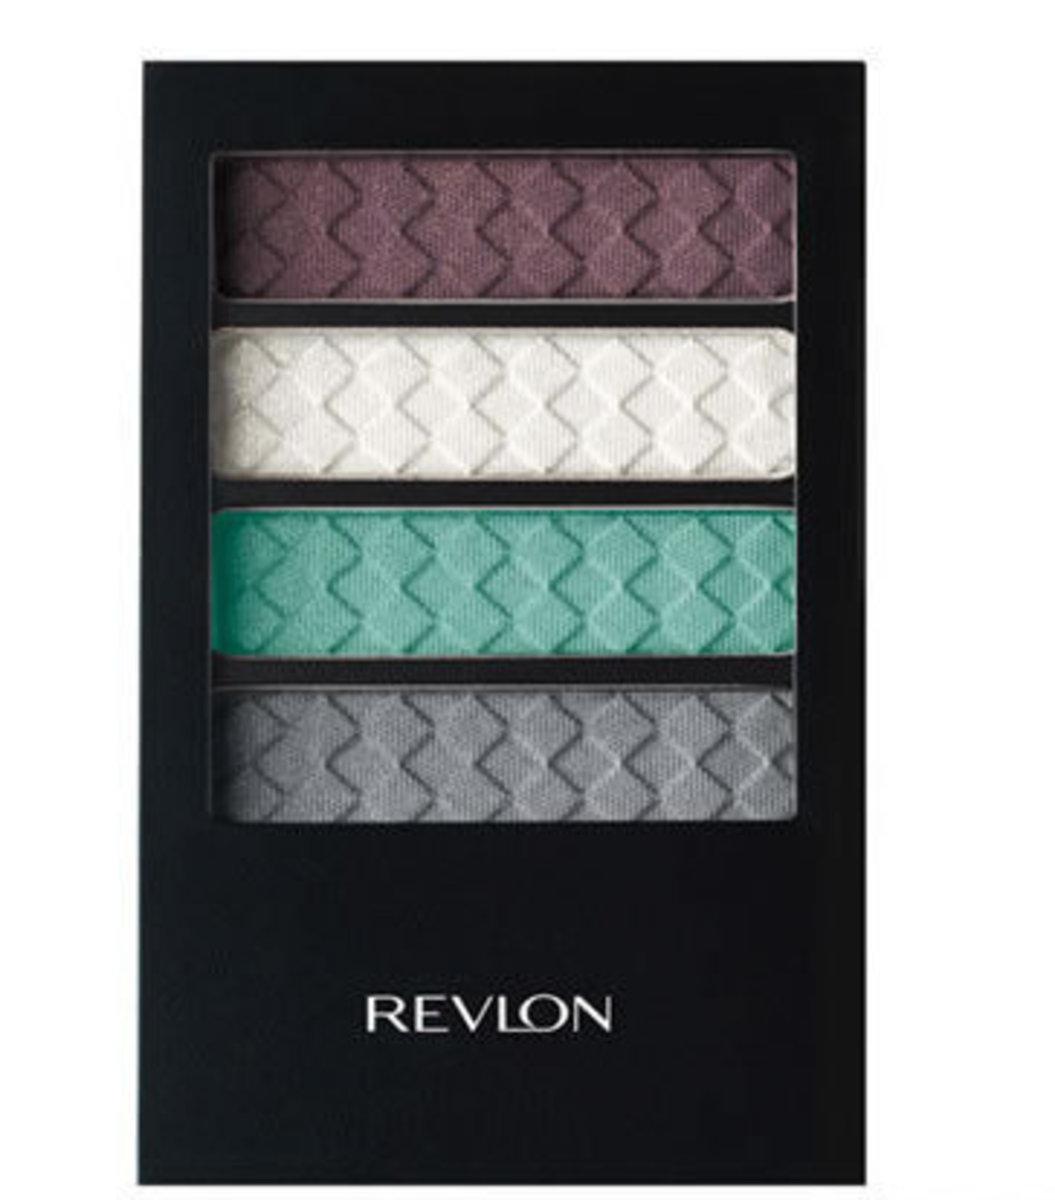 Revlon-12-hour-eyeshadow-quad-Silver-Fox